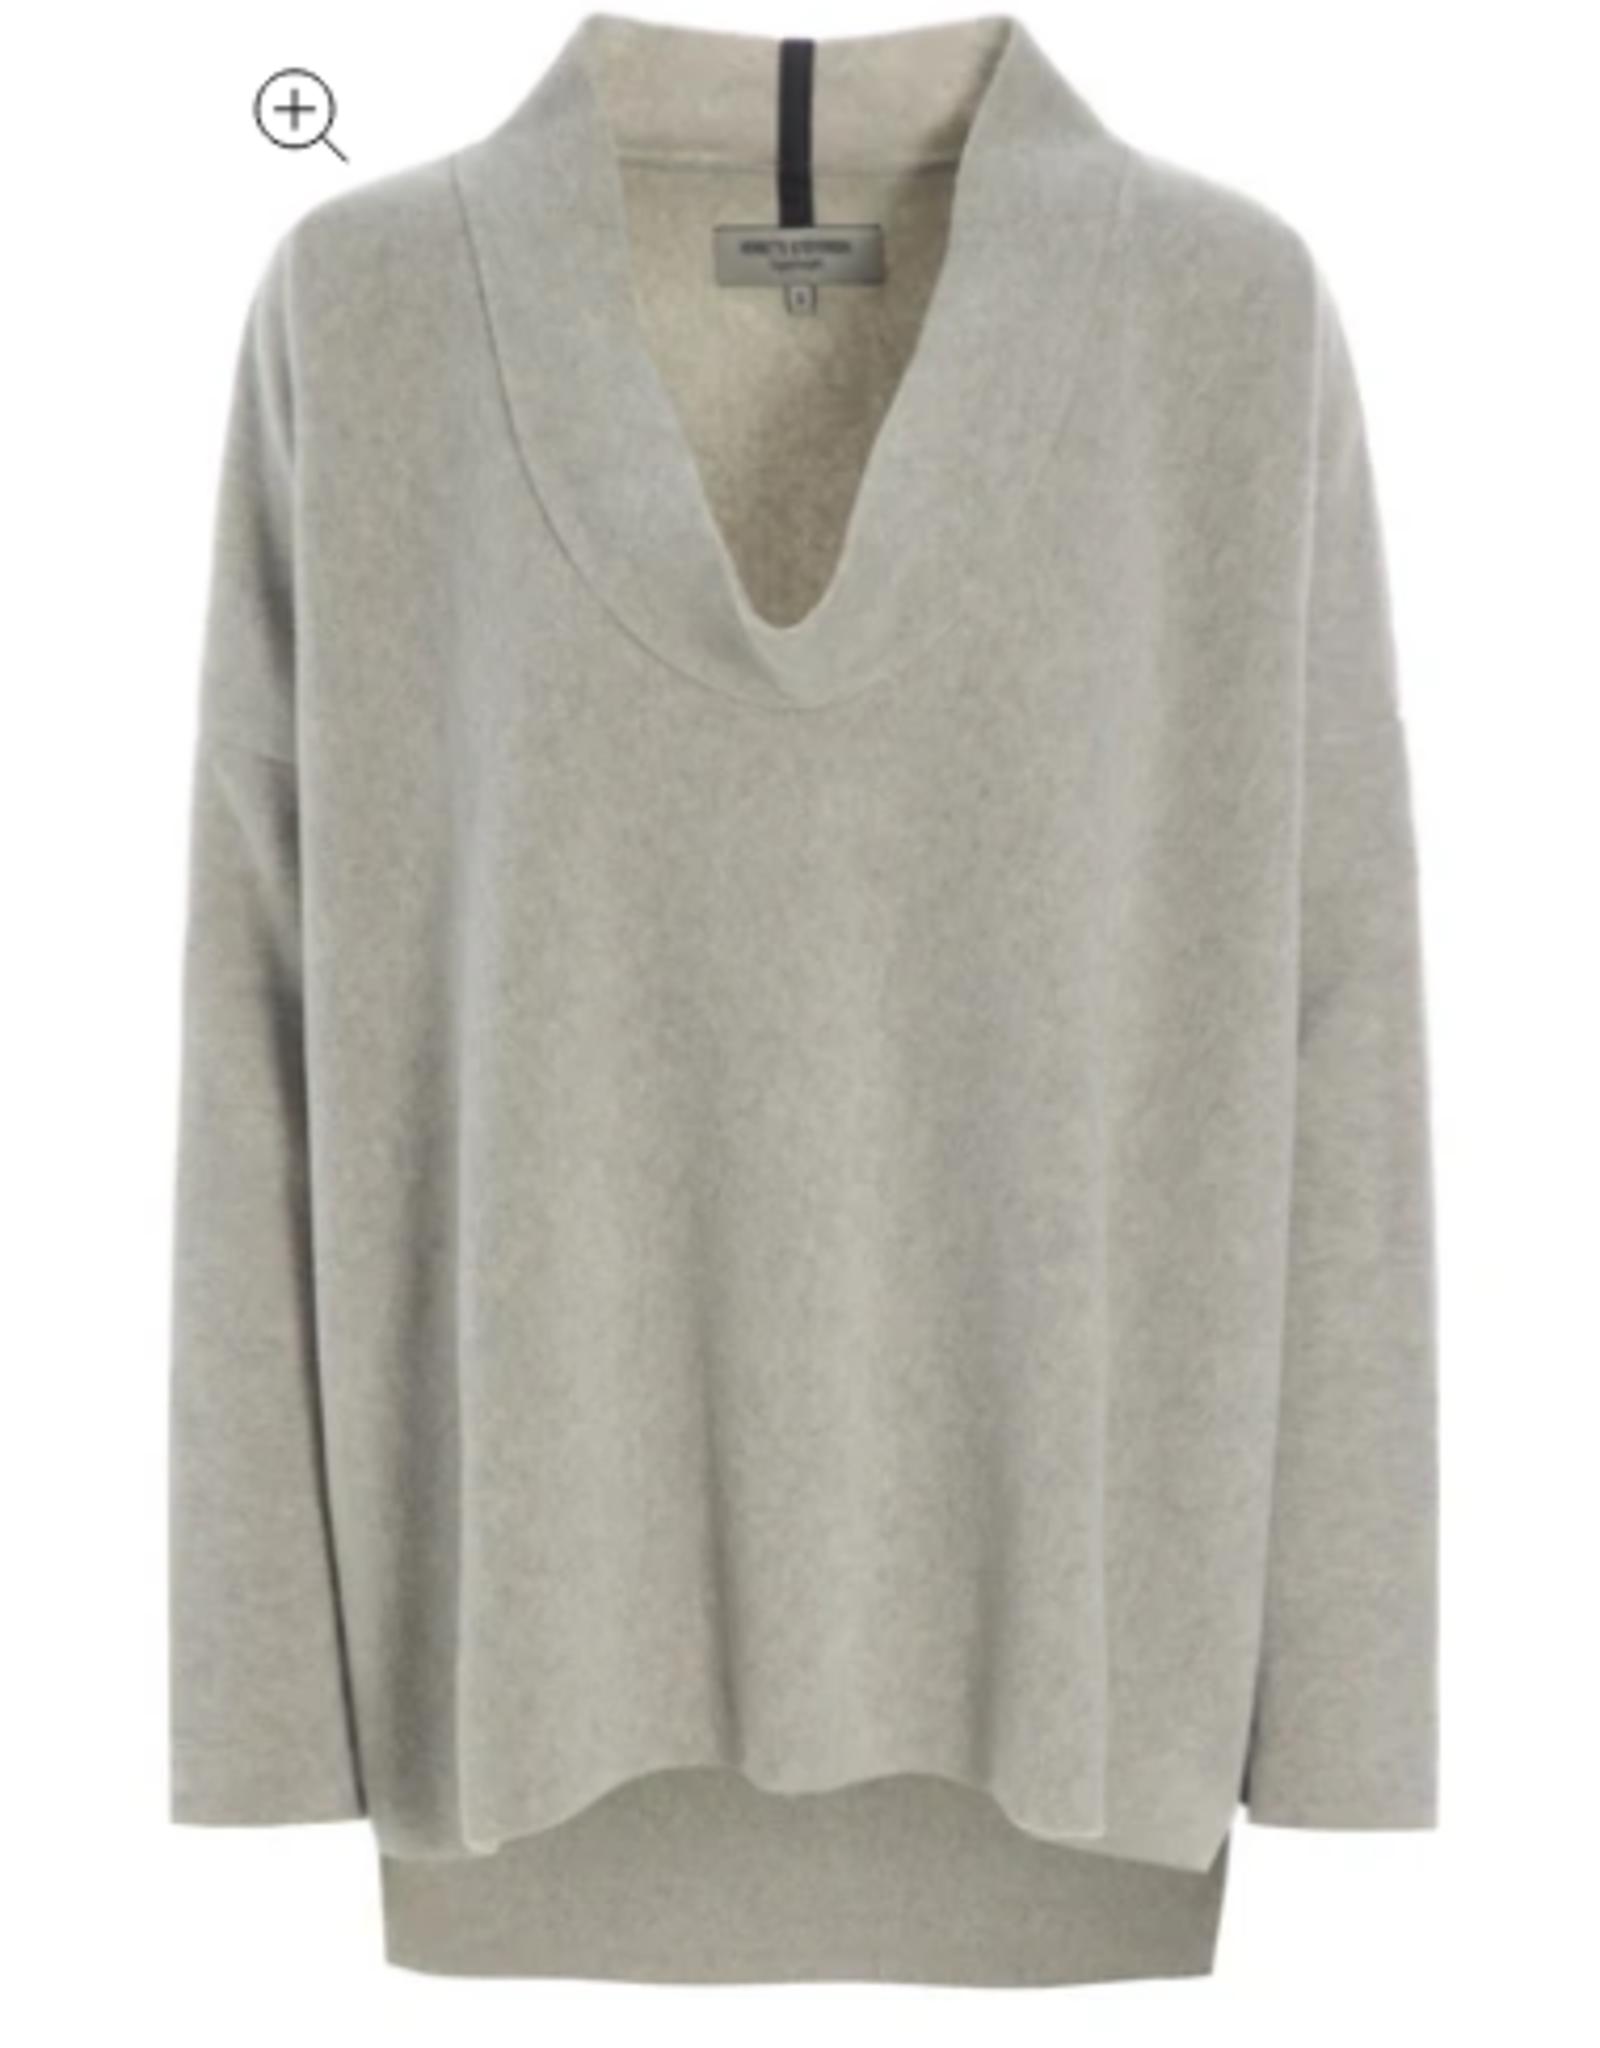 Henriette Steffensen Sweater